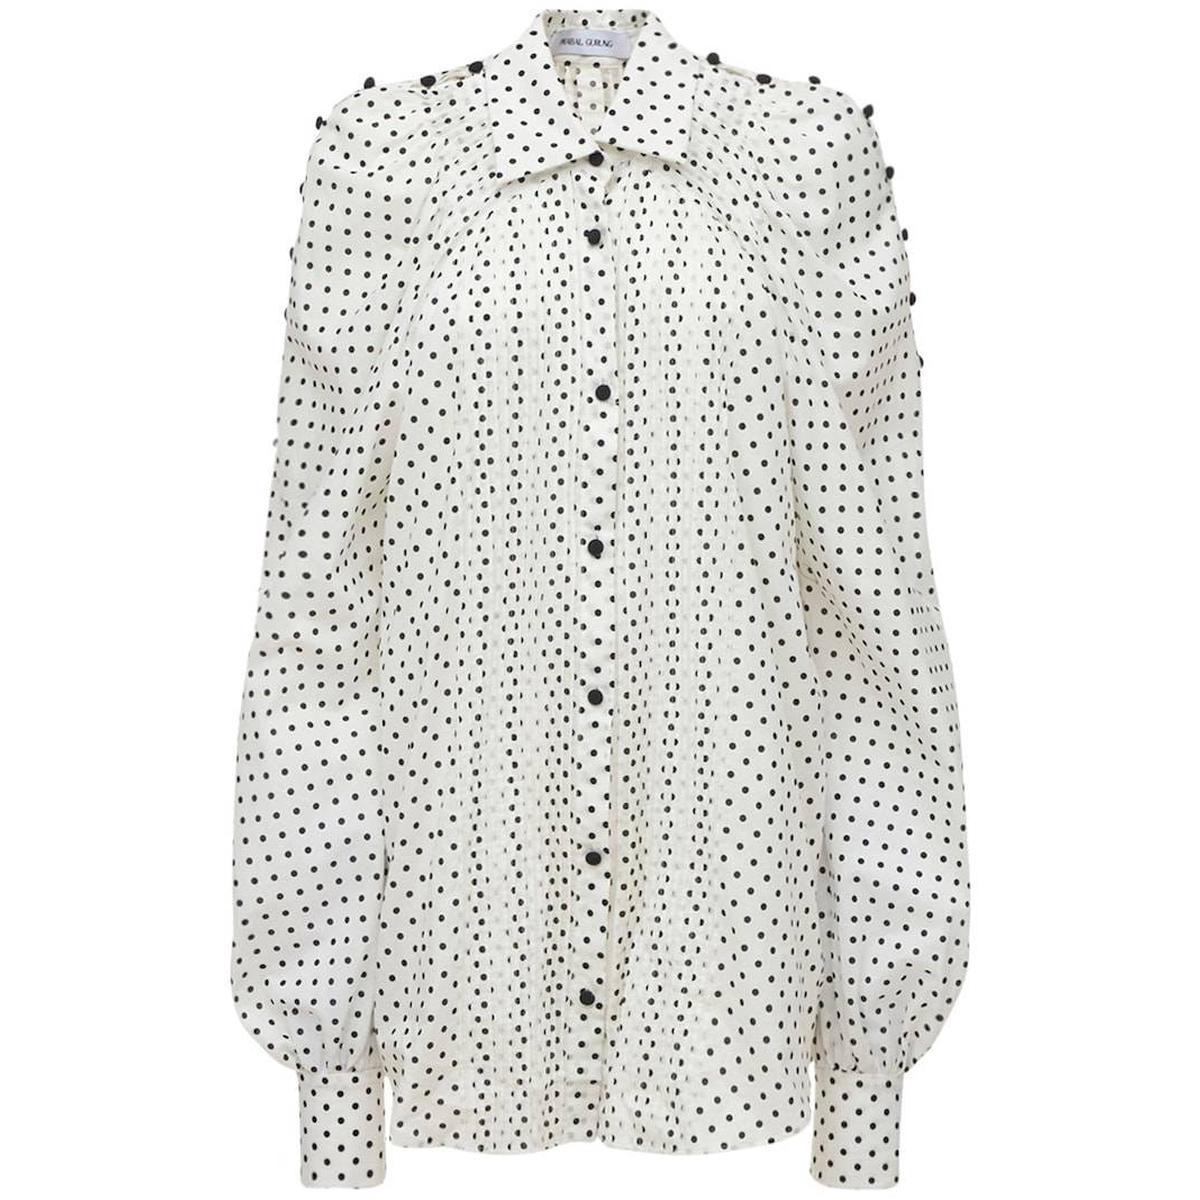 代购Prabal Gurung/普拉巴高隆 斑点府绸衬衫2021新款奢侈品衬衣